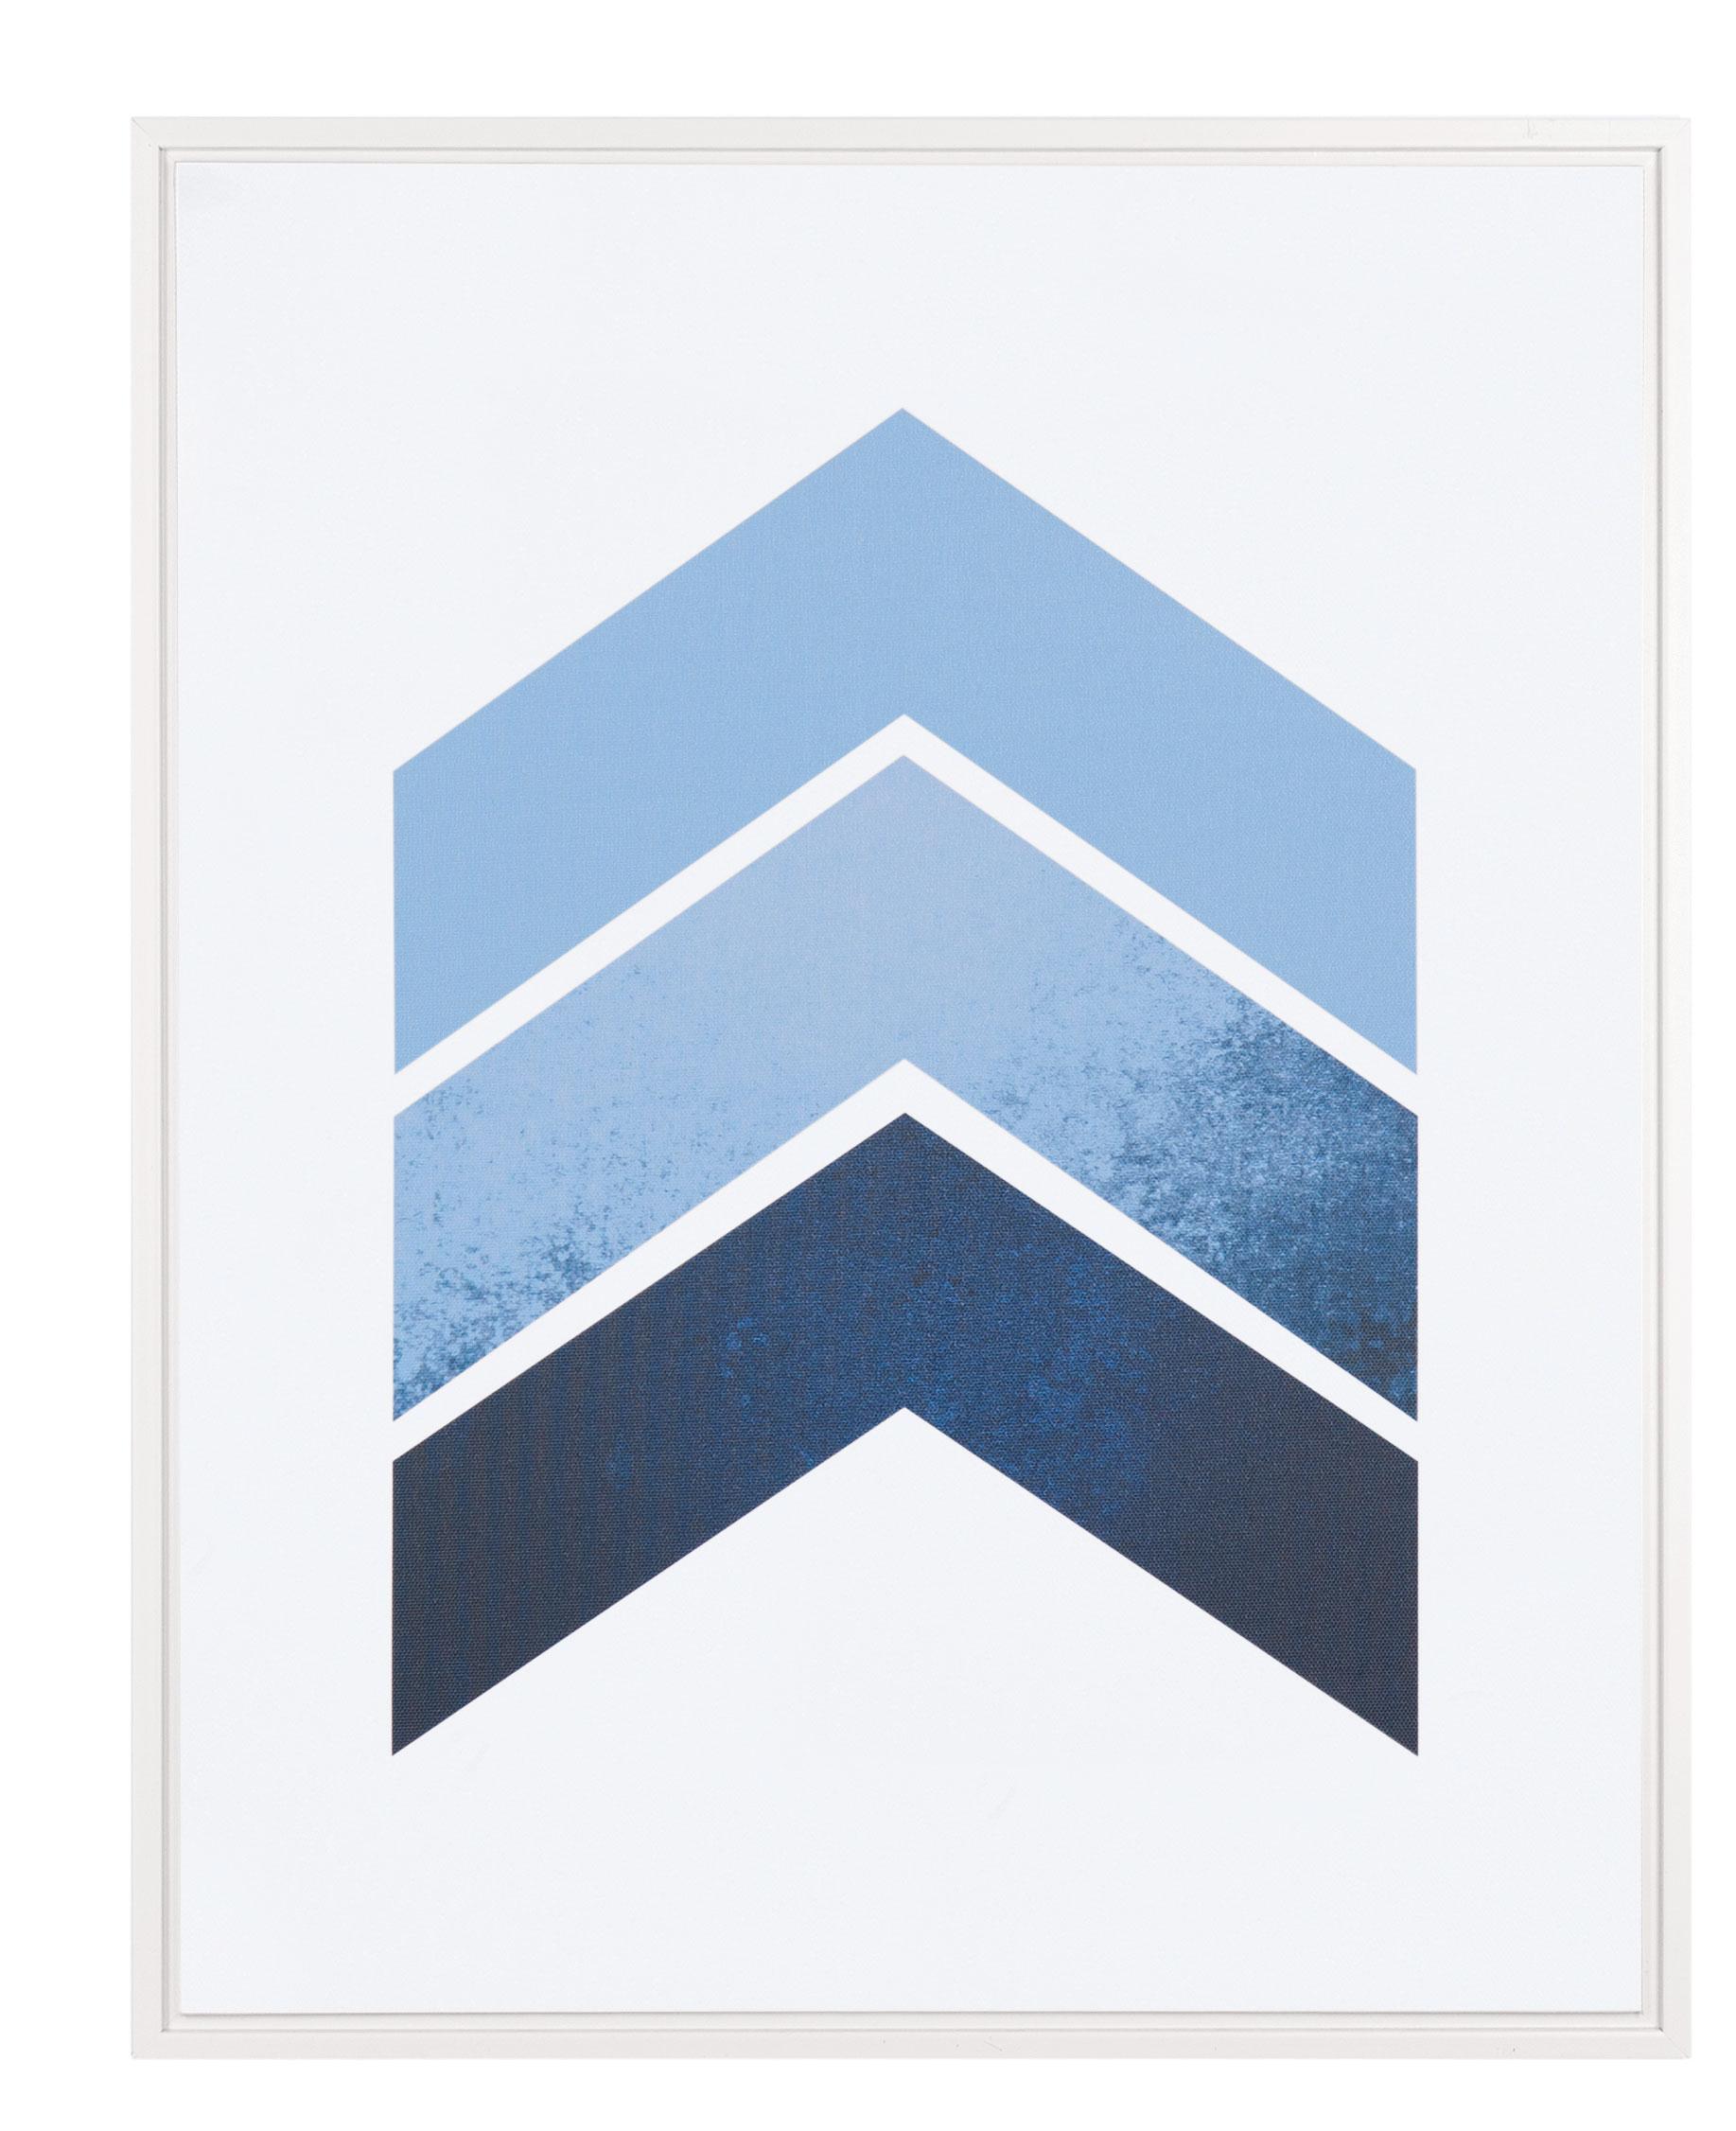 Quadro Setas Azul e Branco 50cm x 40cm x 2,5cm